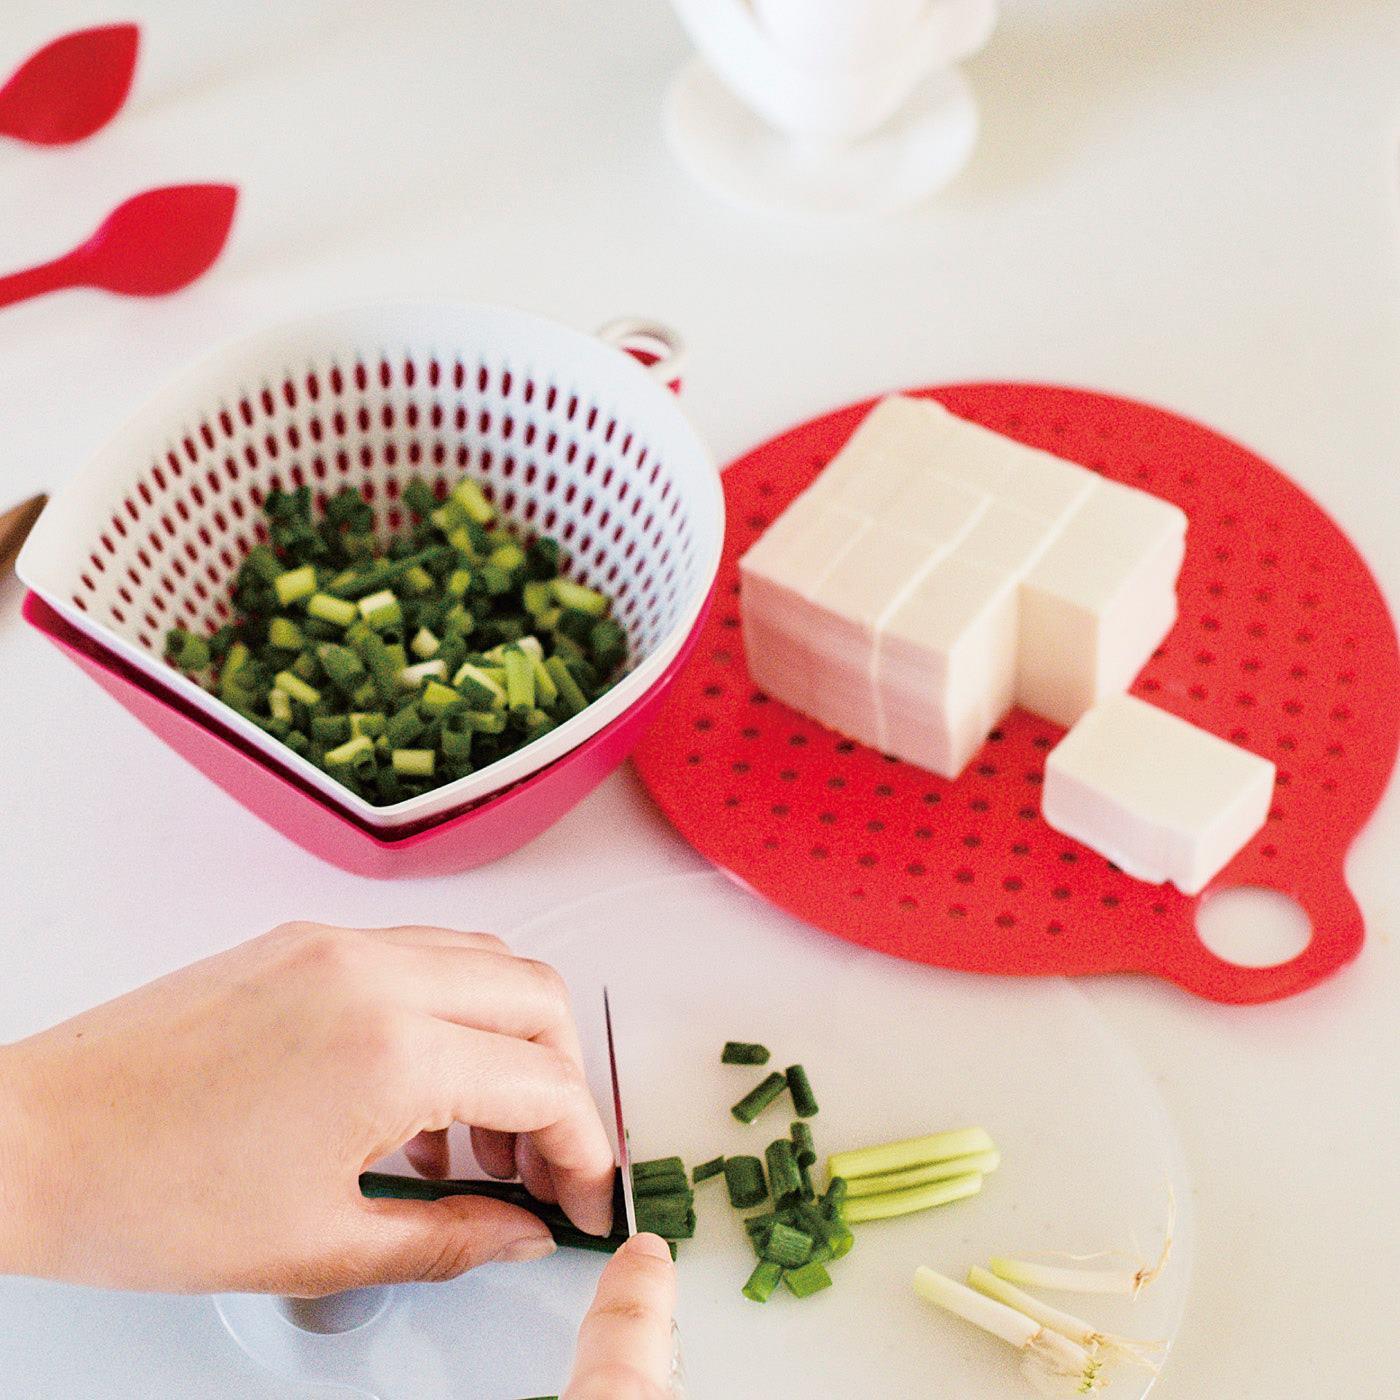 フェリシモ あると便利! ひと手間省いて 手際がよくなる調理グッズの会